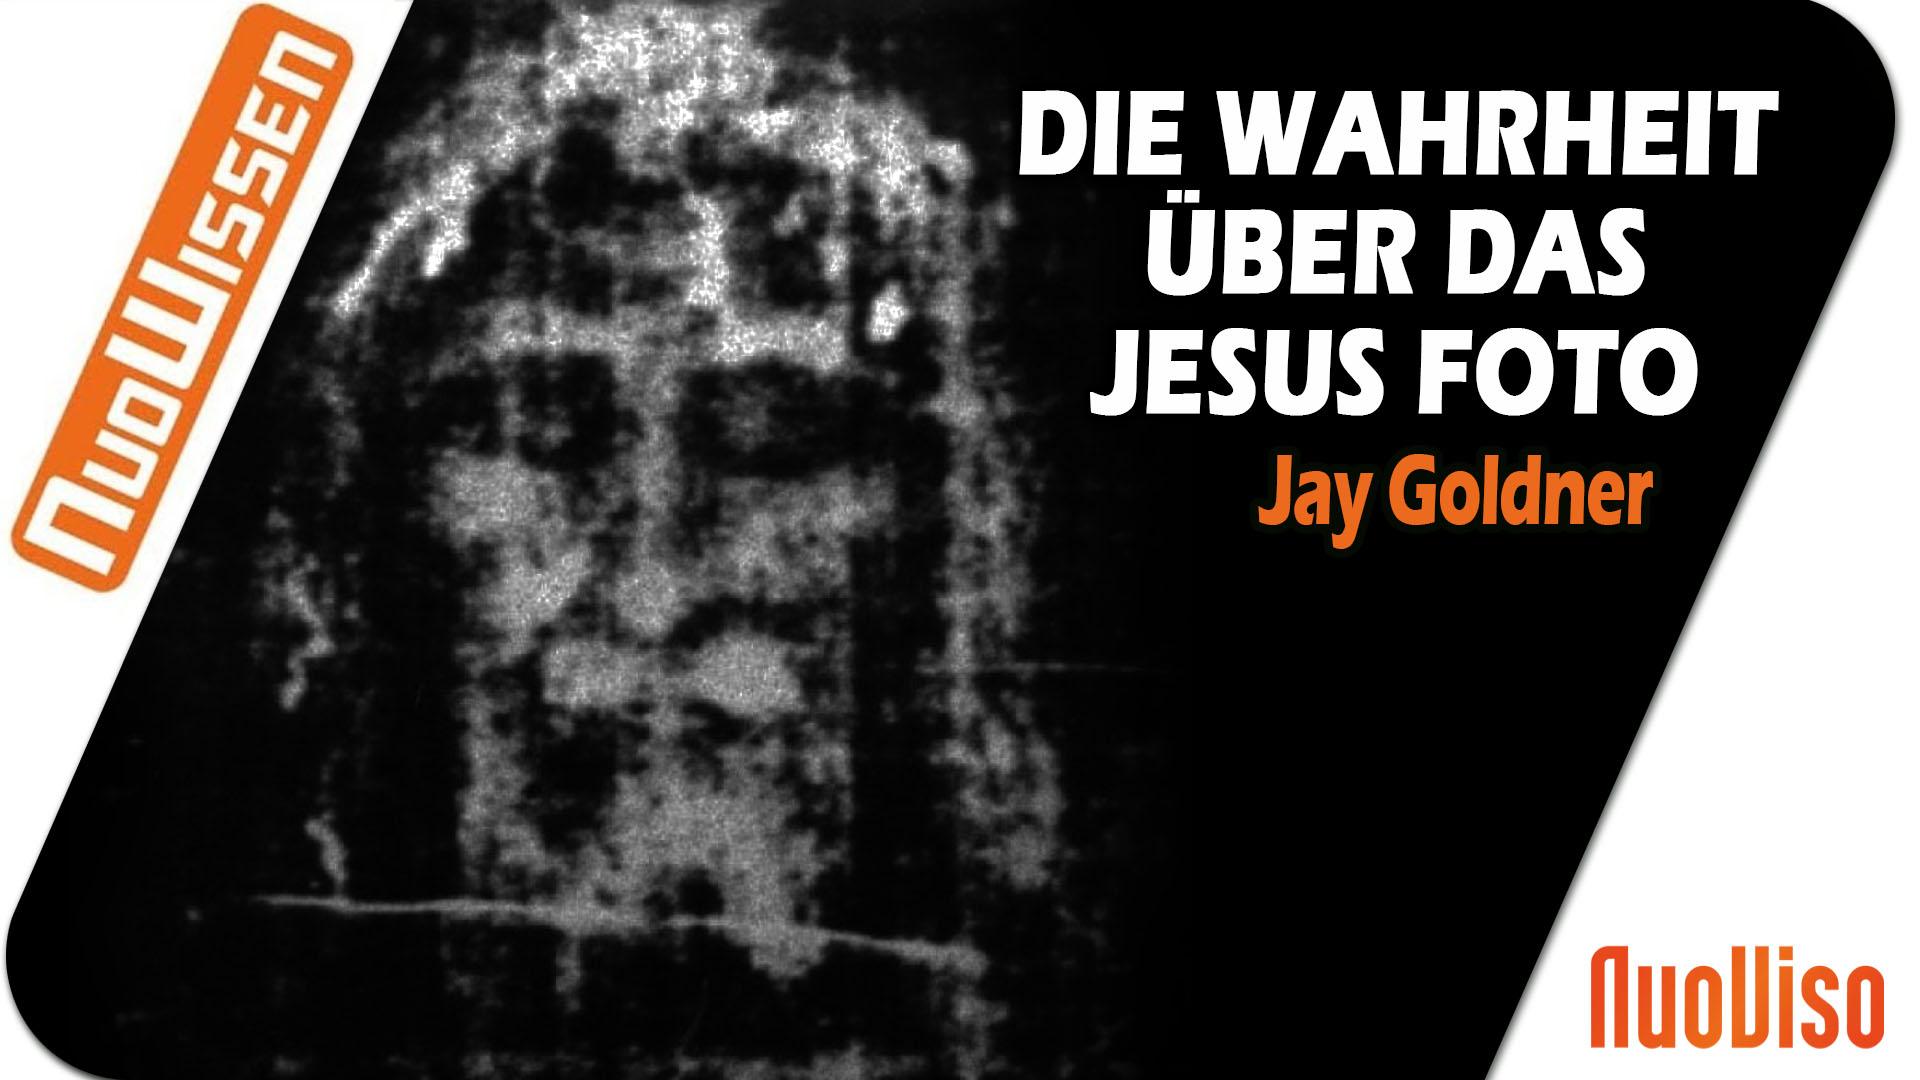 Die Wahrheit über das Jesus Foto – Jay Goldner (Regentreff 2018)